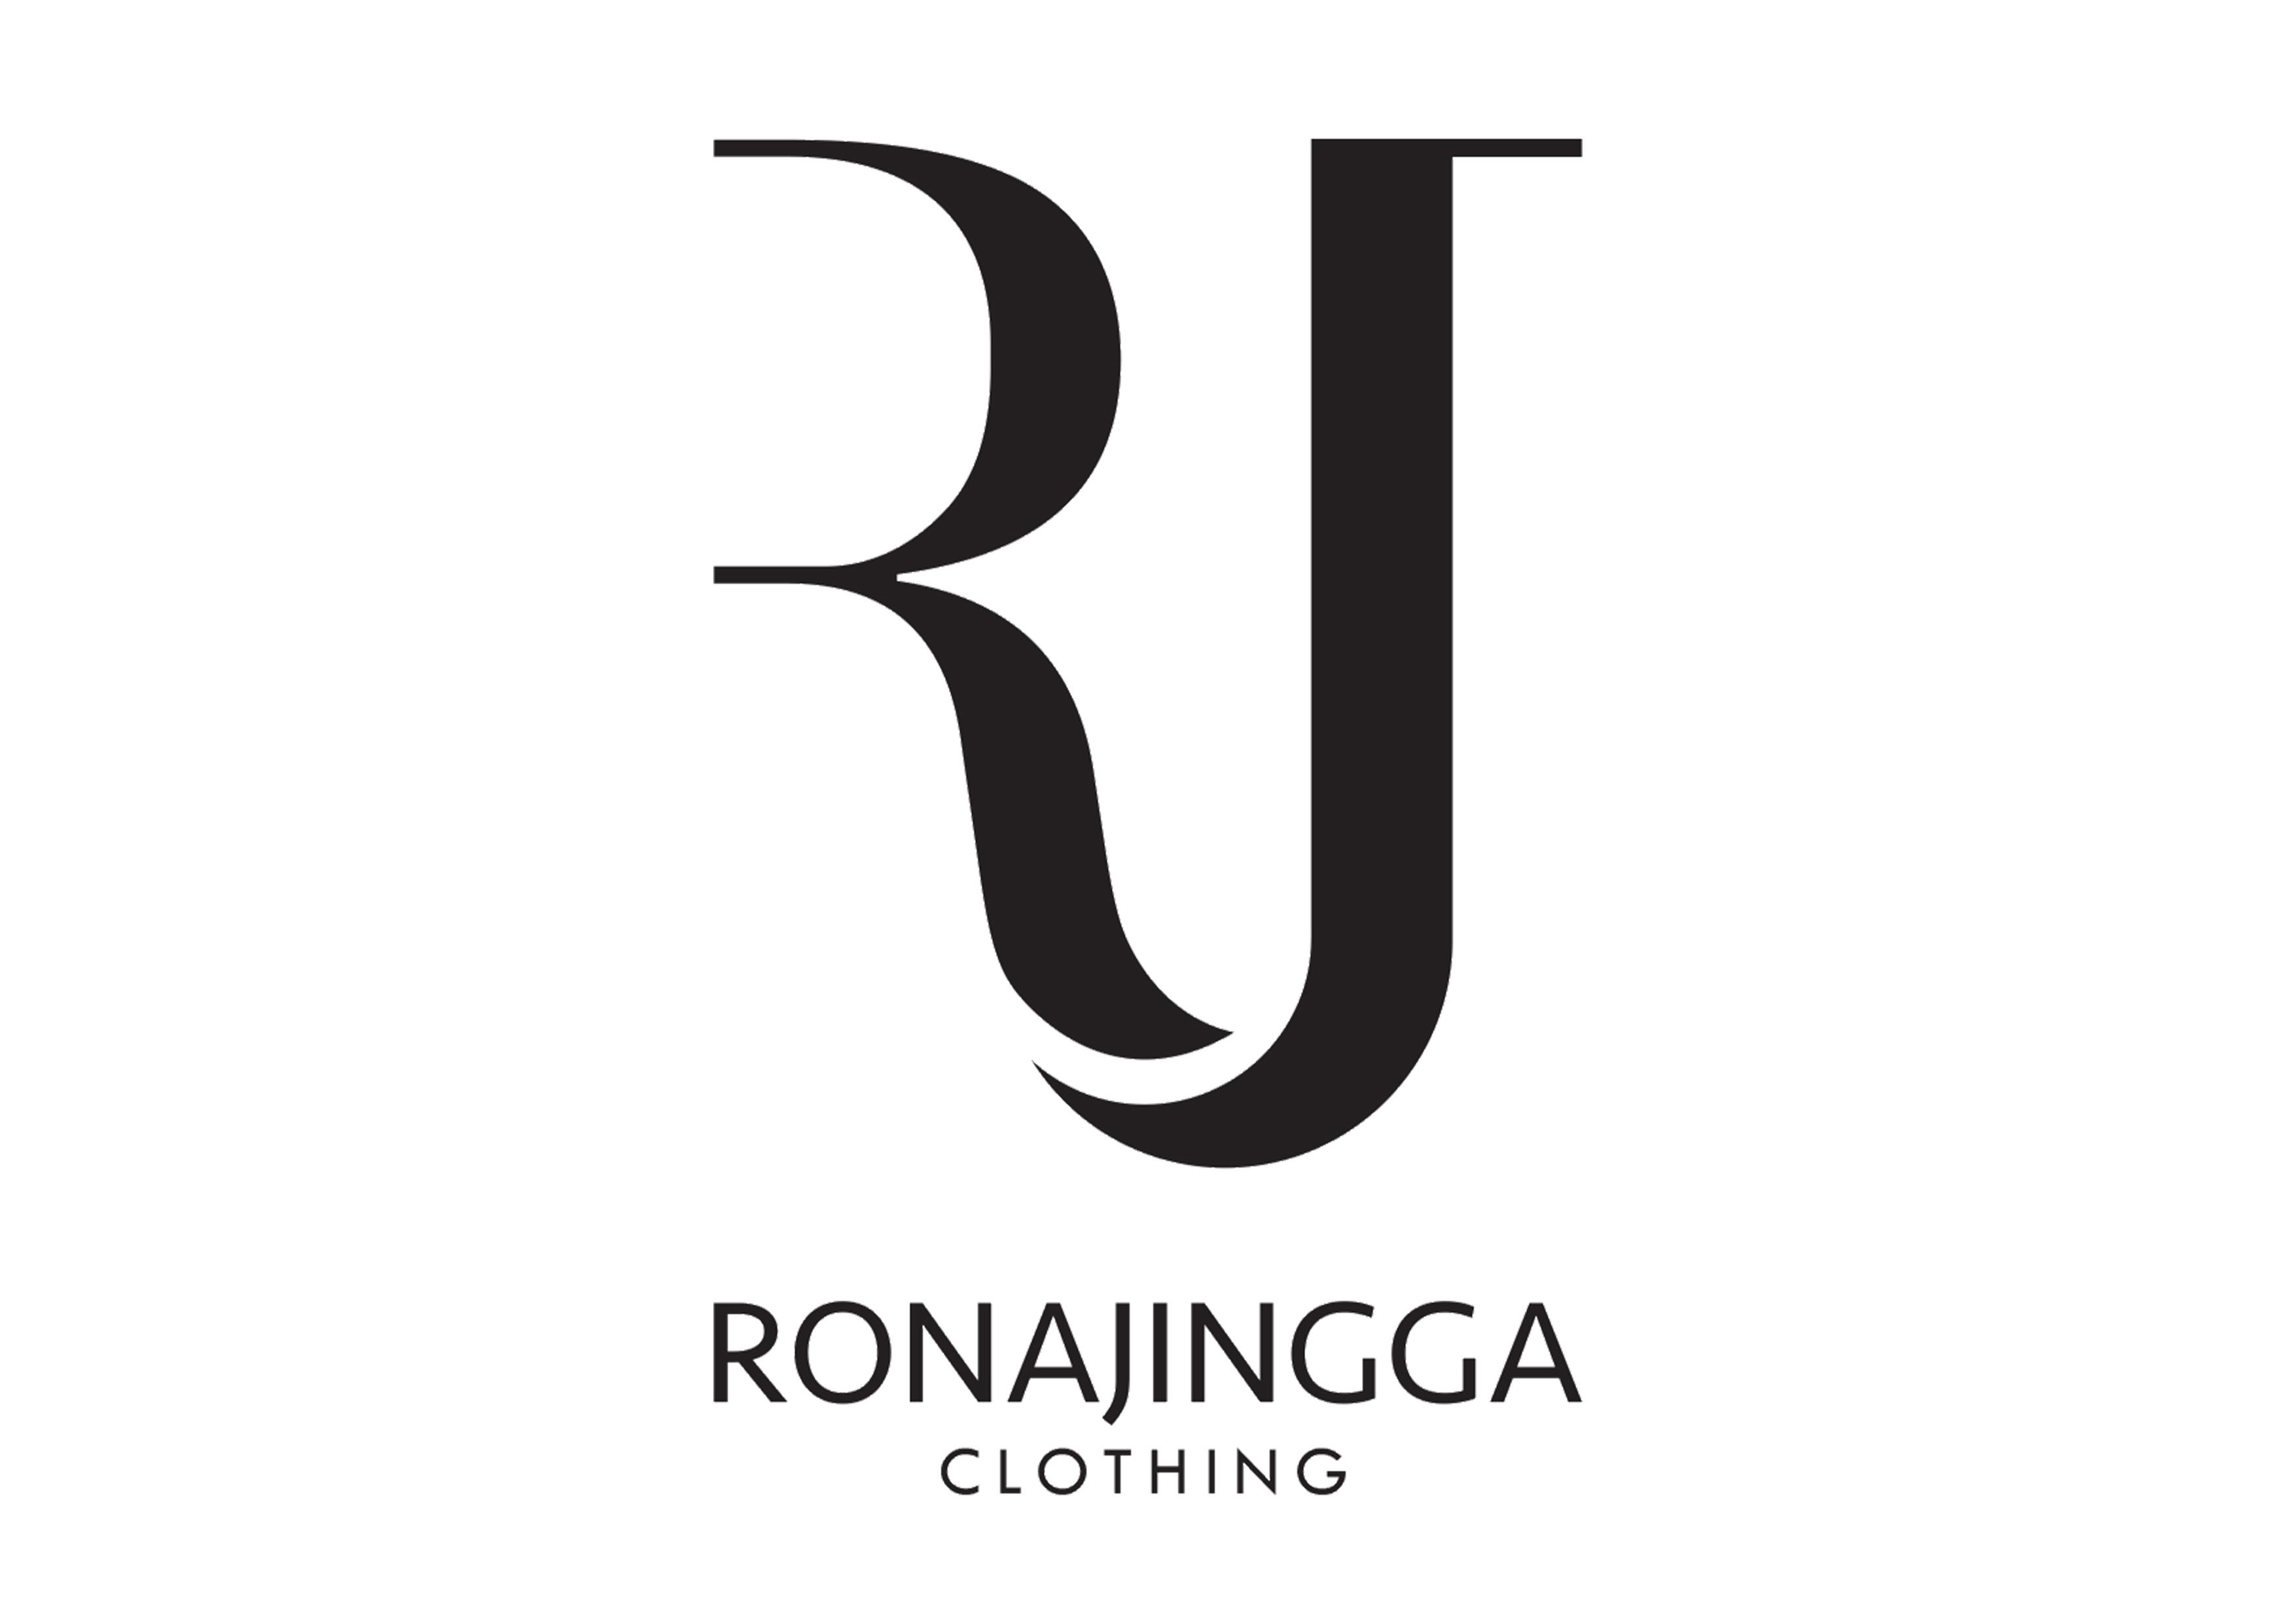 RONA JINGGA